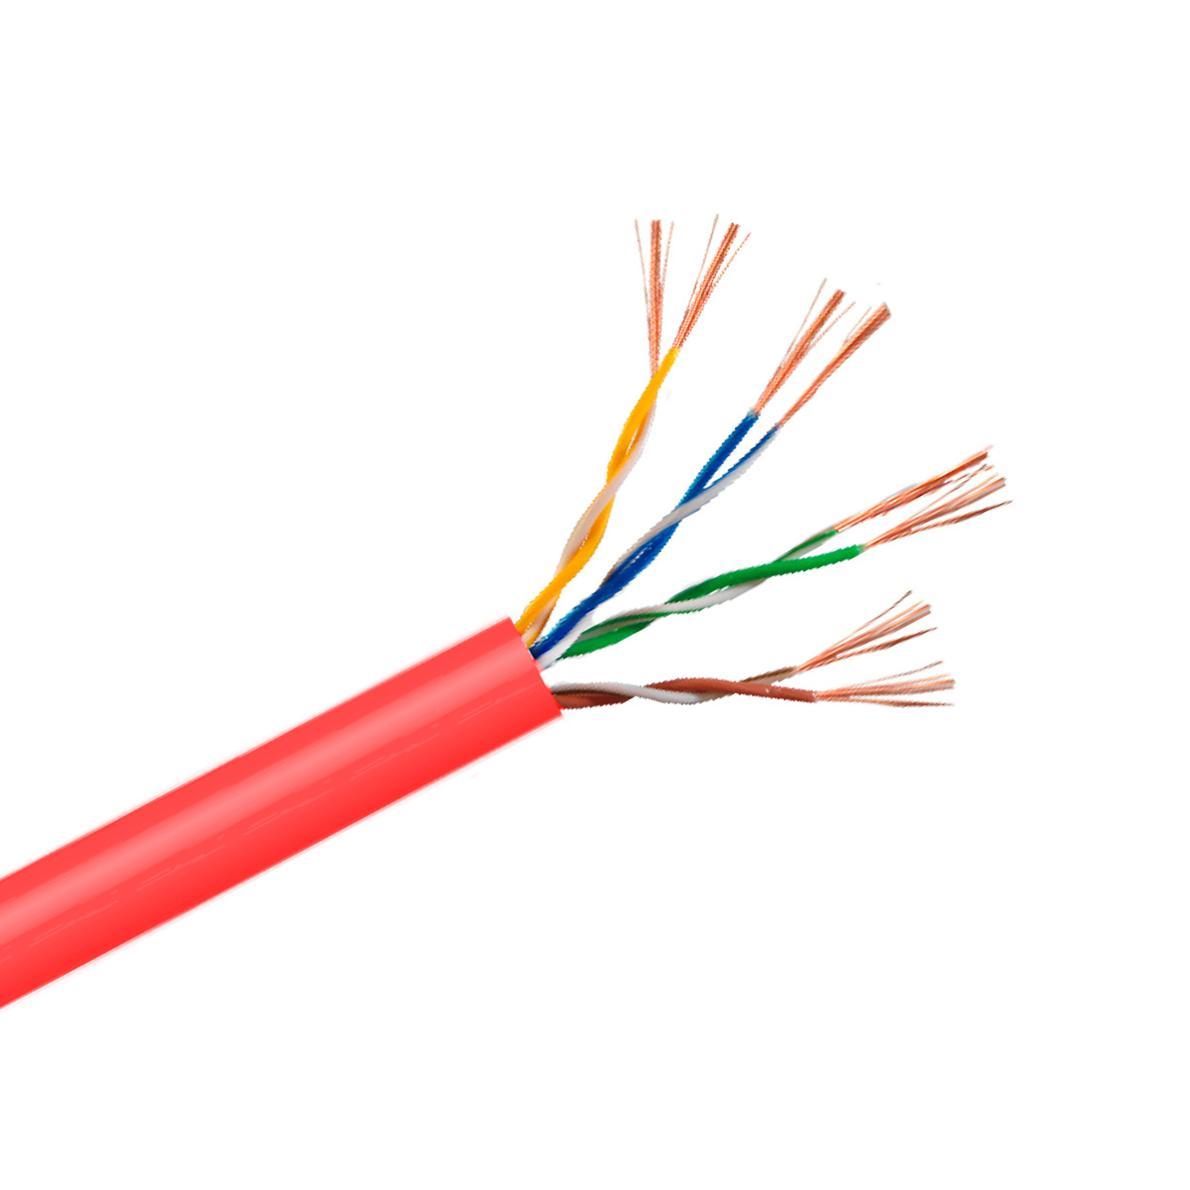 Cable Cat. 6 UTP LSZH Cca flexible 100m. rojo